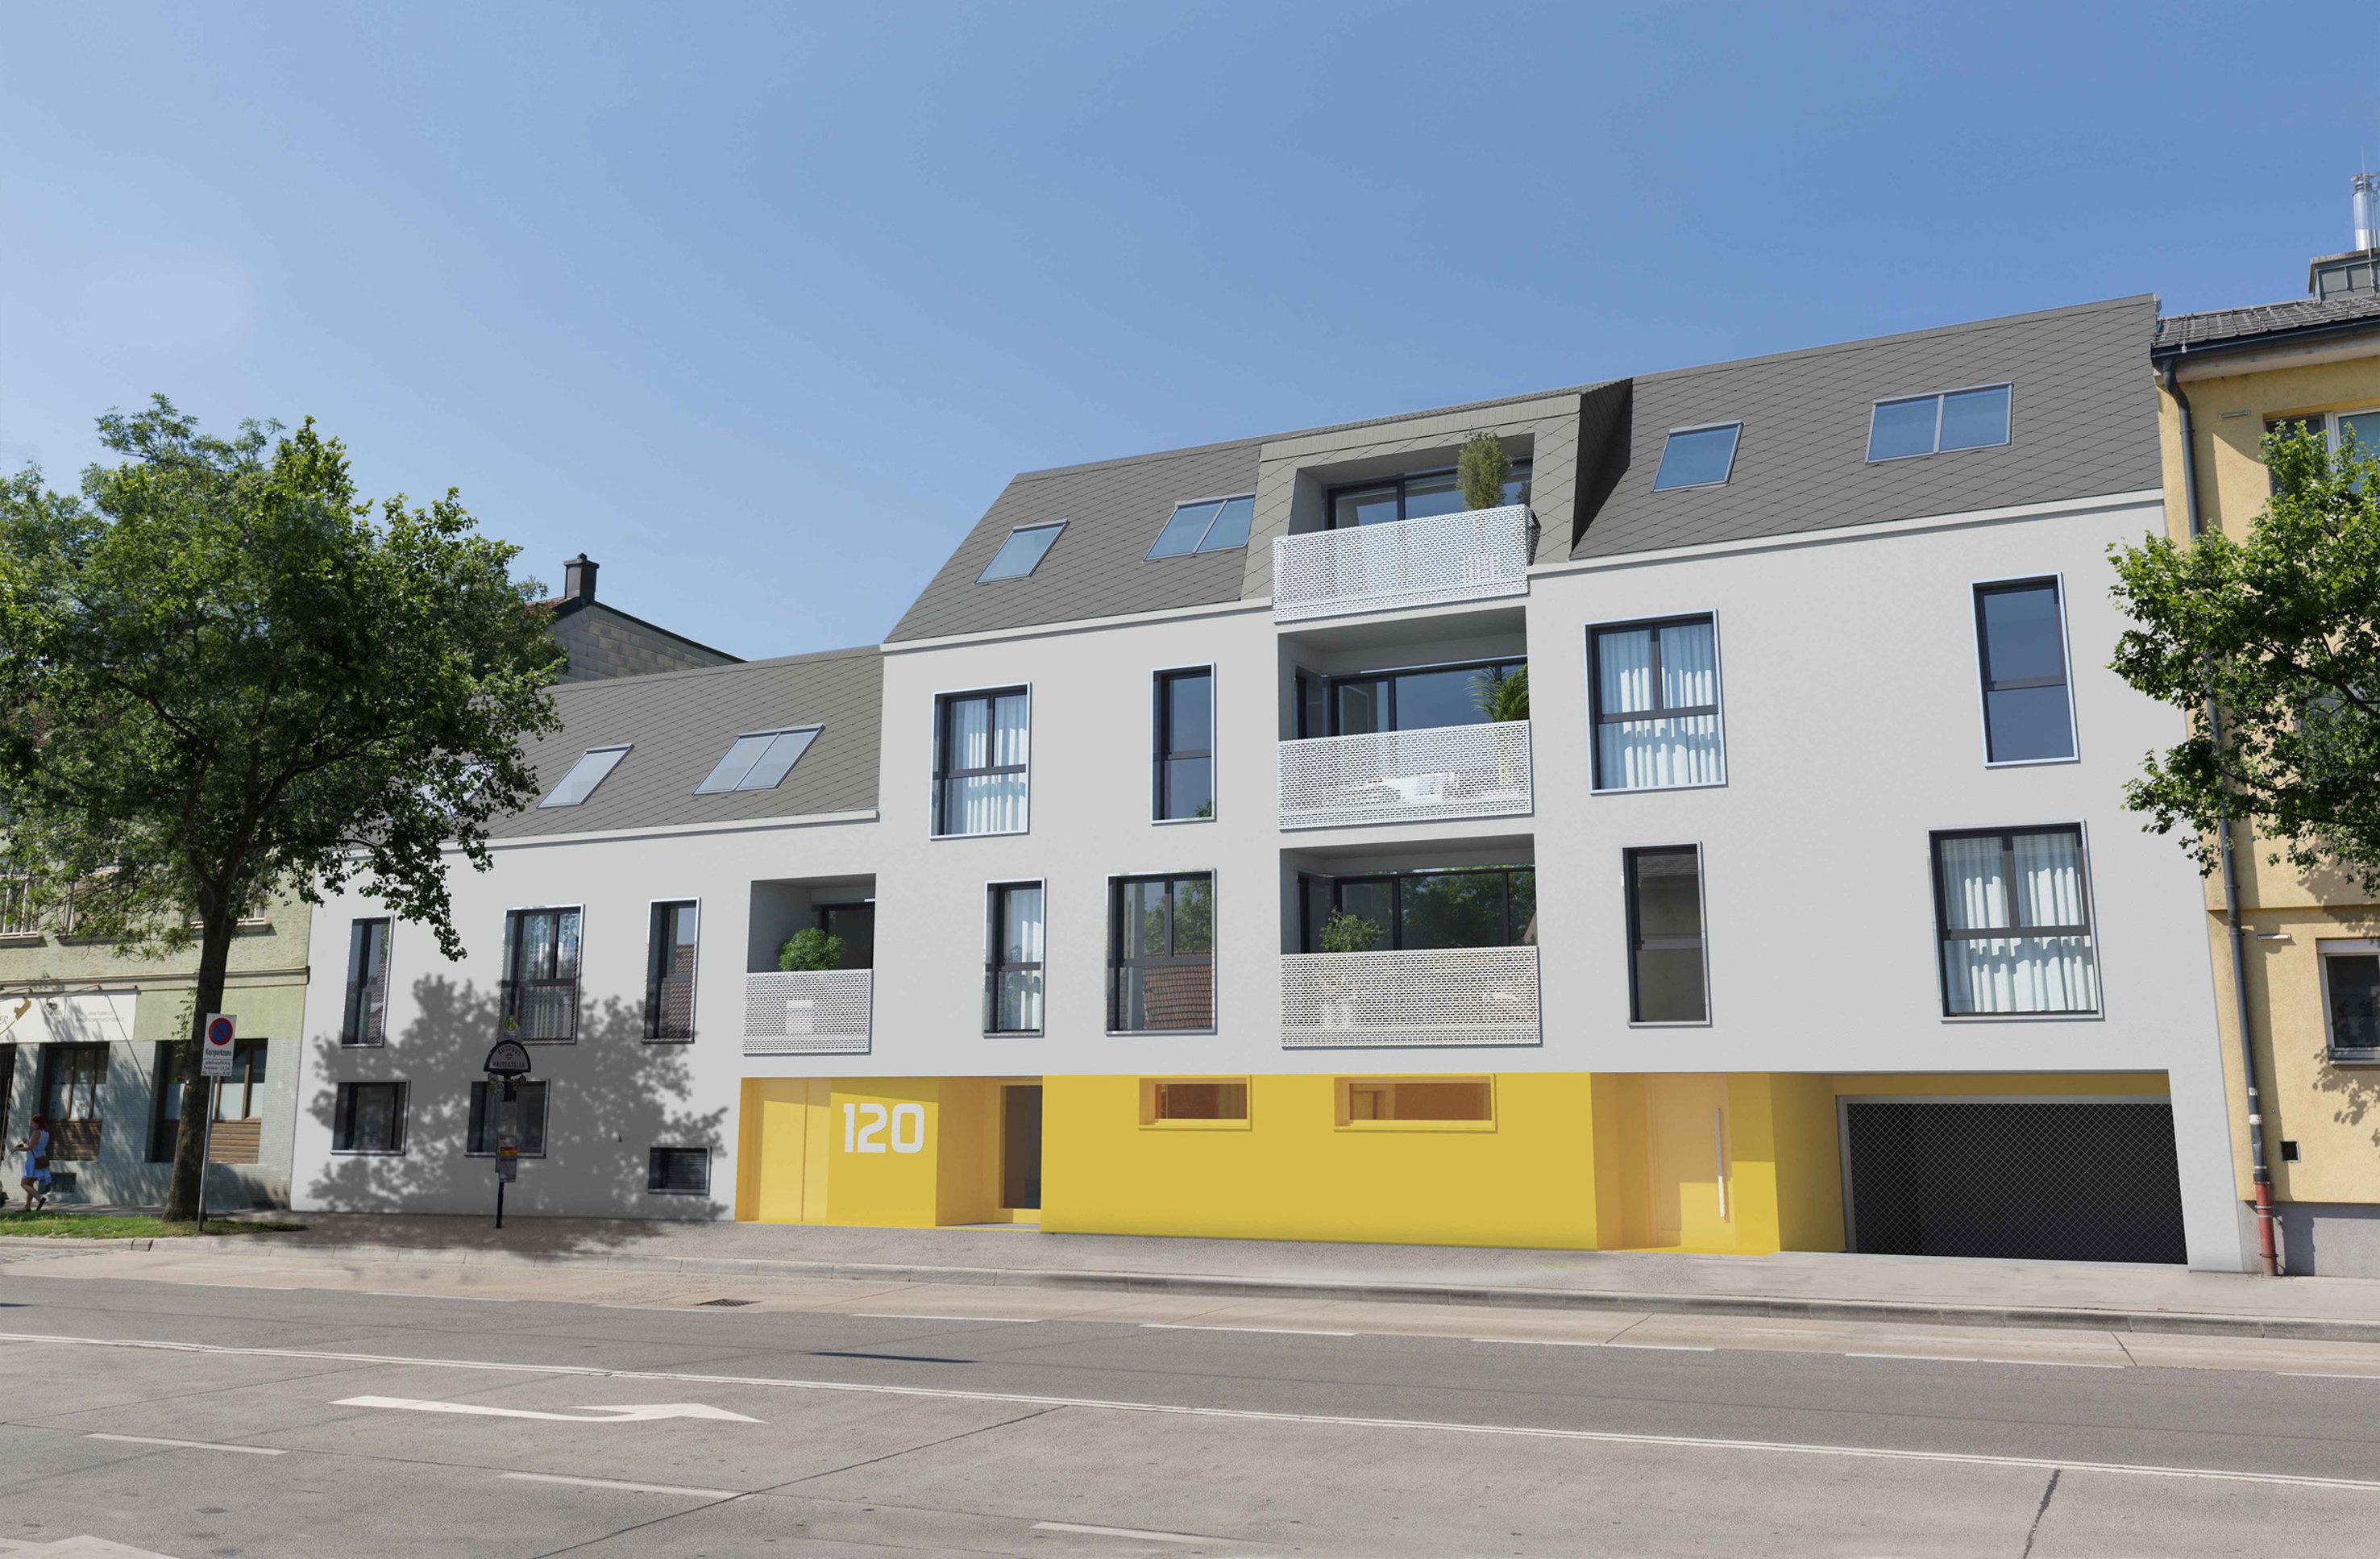 Neubauherrenmodell - 1220 Wien, Aspernstraße 120